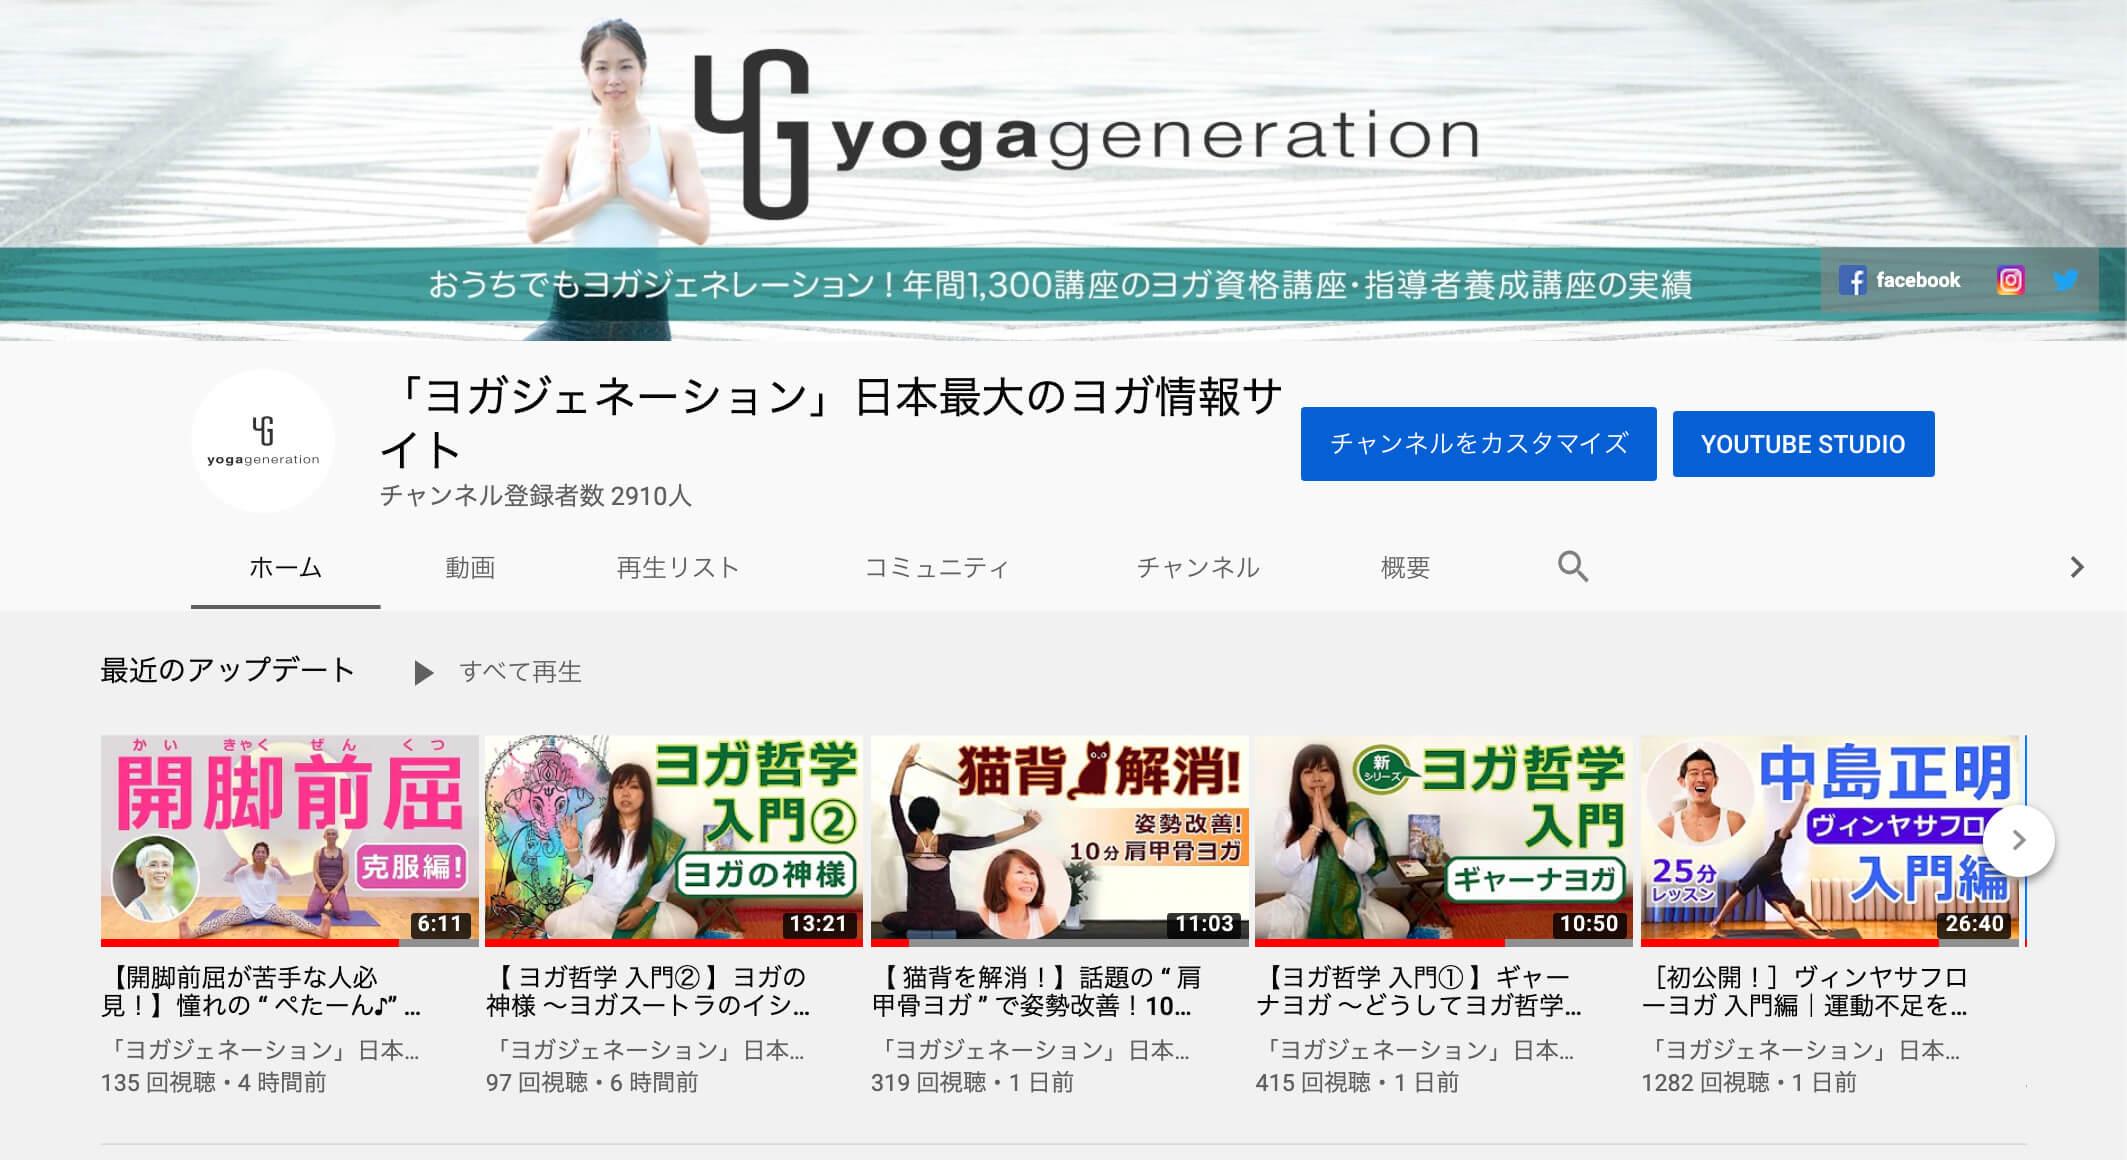 ヨガジェネレーションのYouTubeチャンネルトップ画面